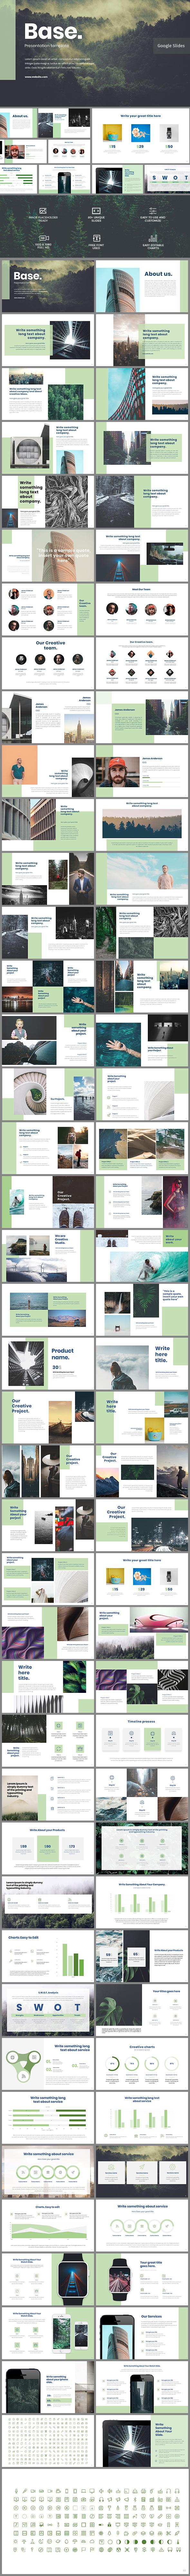 Base Google Slides - Google Slides Presentation Templates